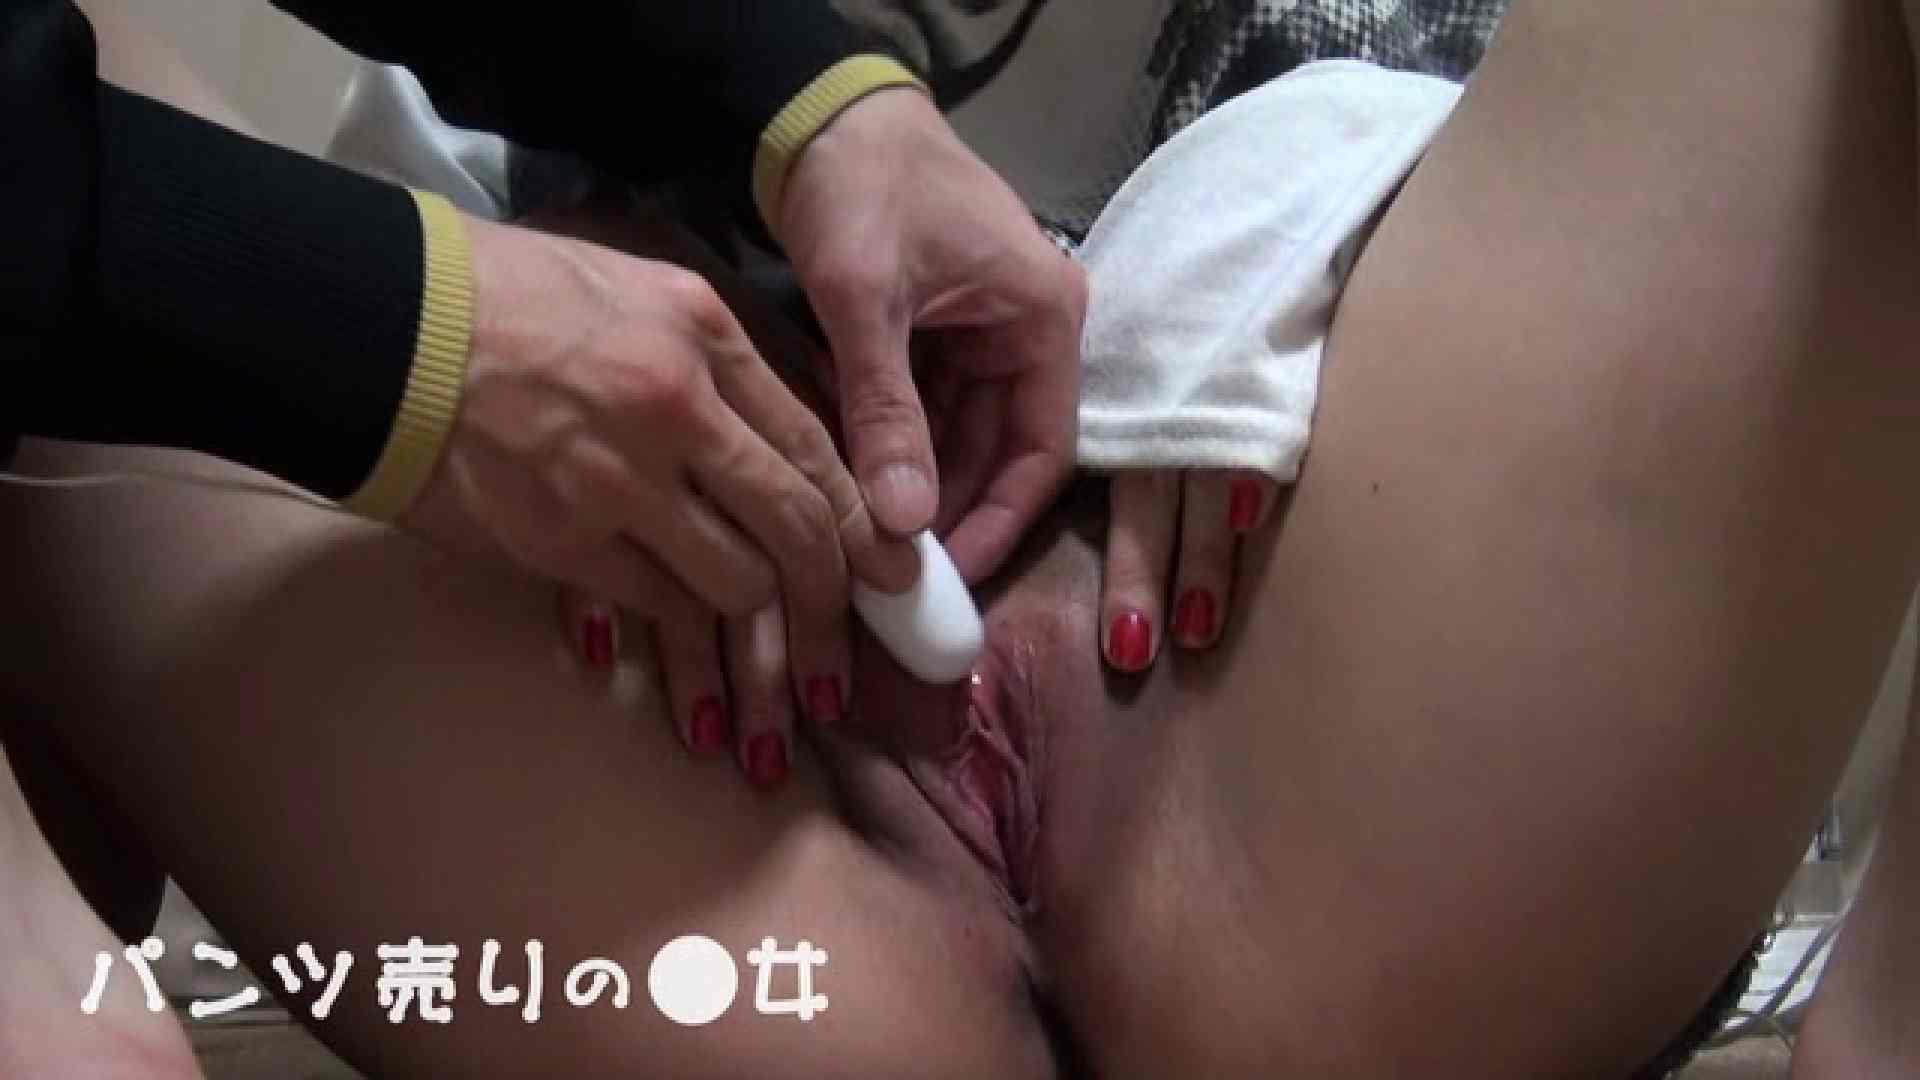 新説 パンツ売りの女の子mizuki02 一般投稿 | 0  103画像 96